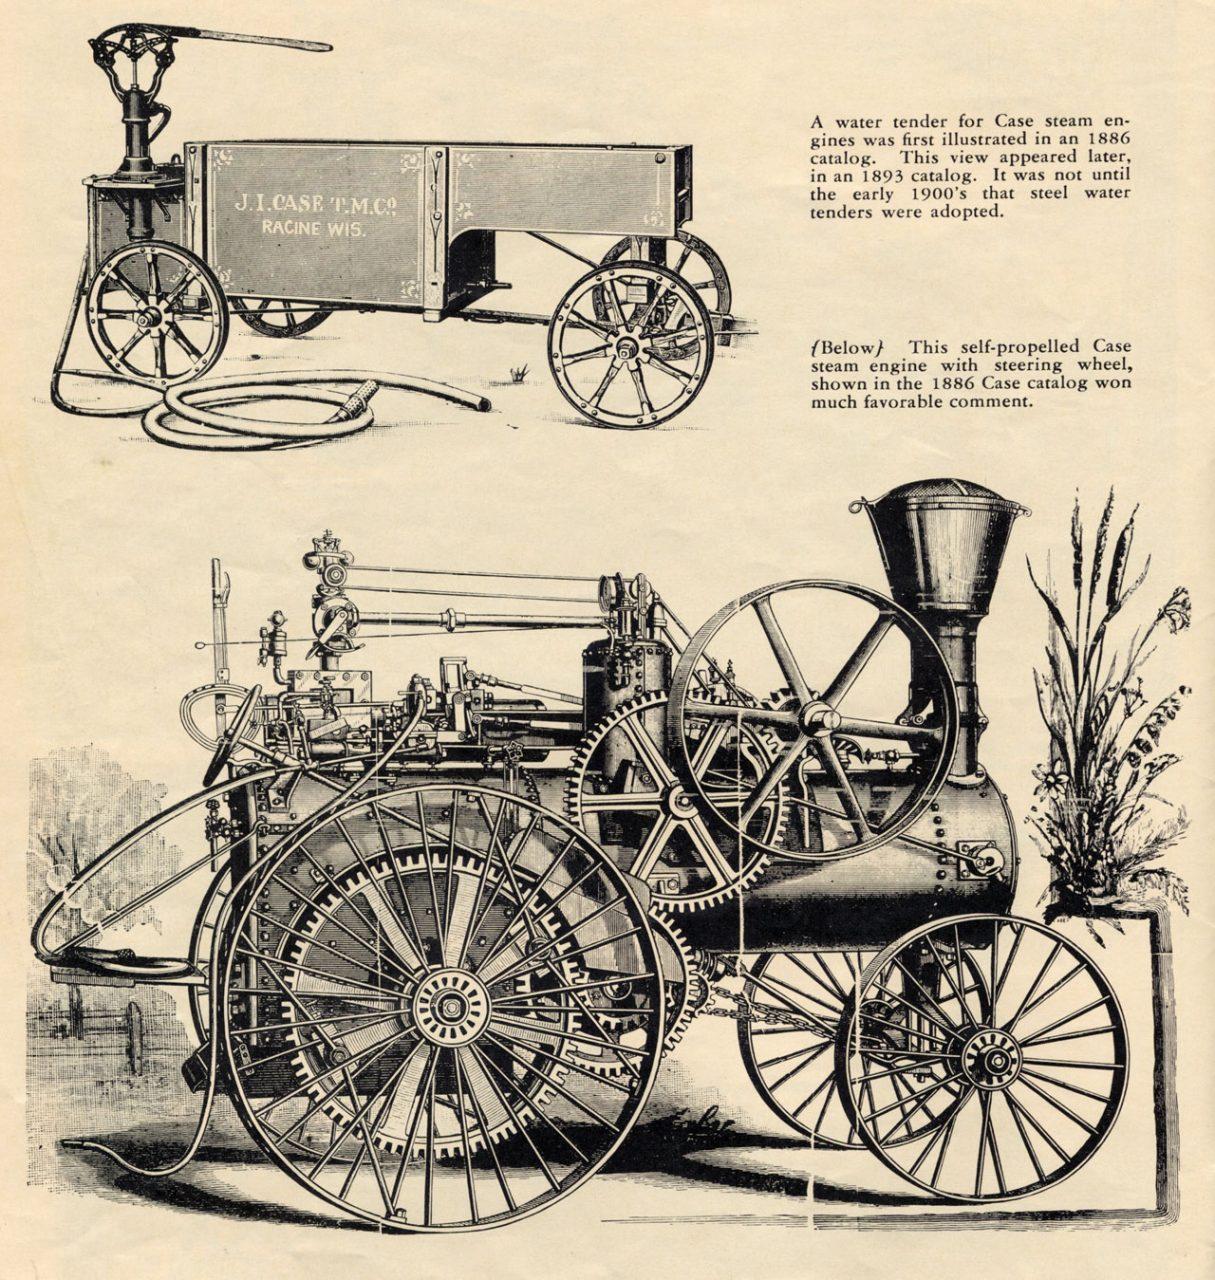 Scotch Carts Case Steam & an Ironsides Agitator